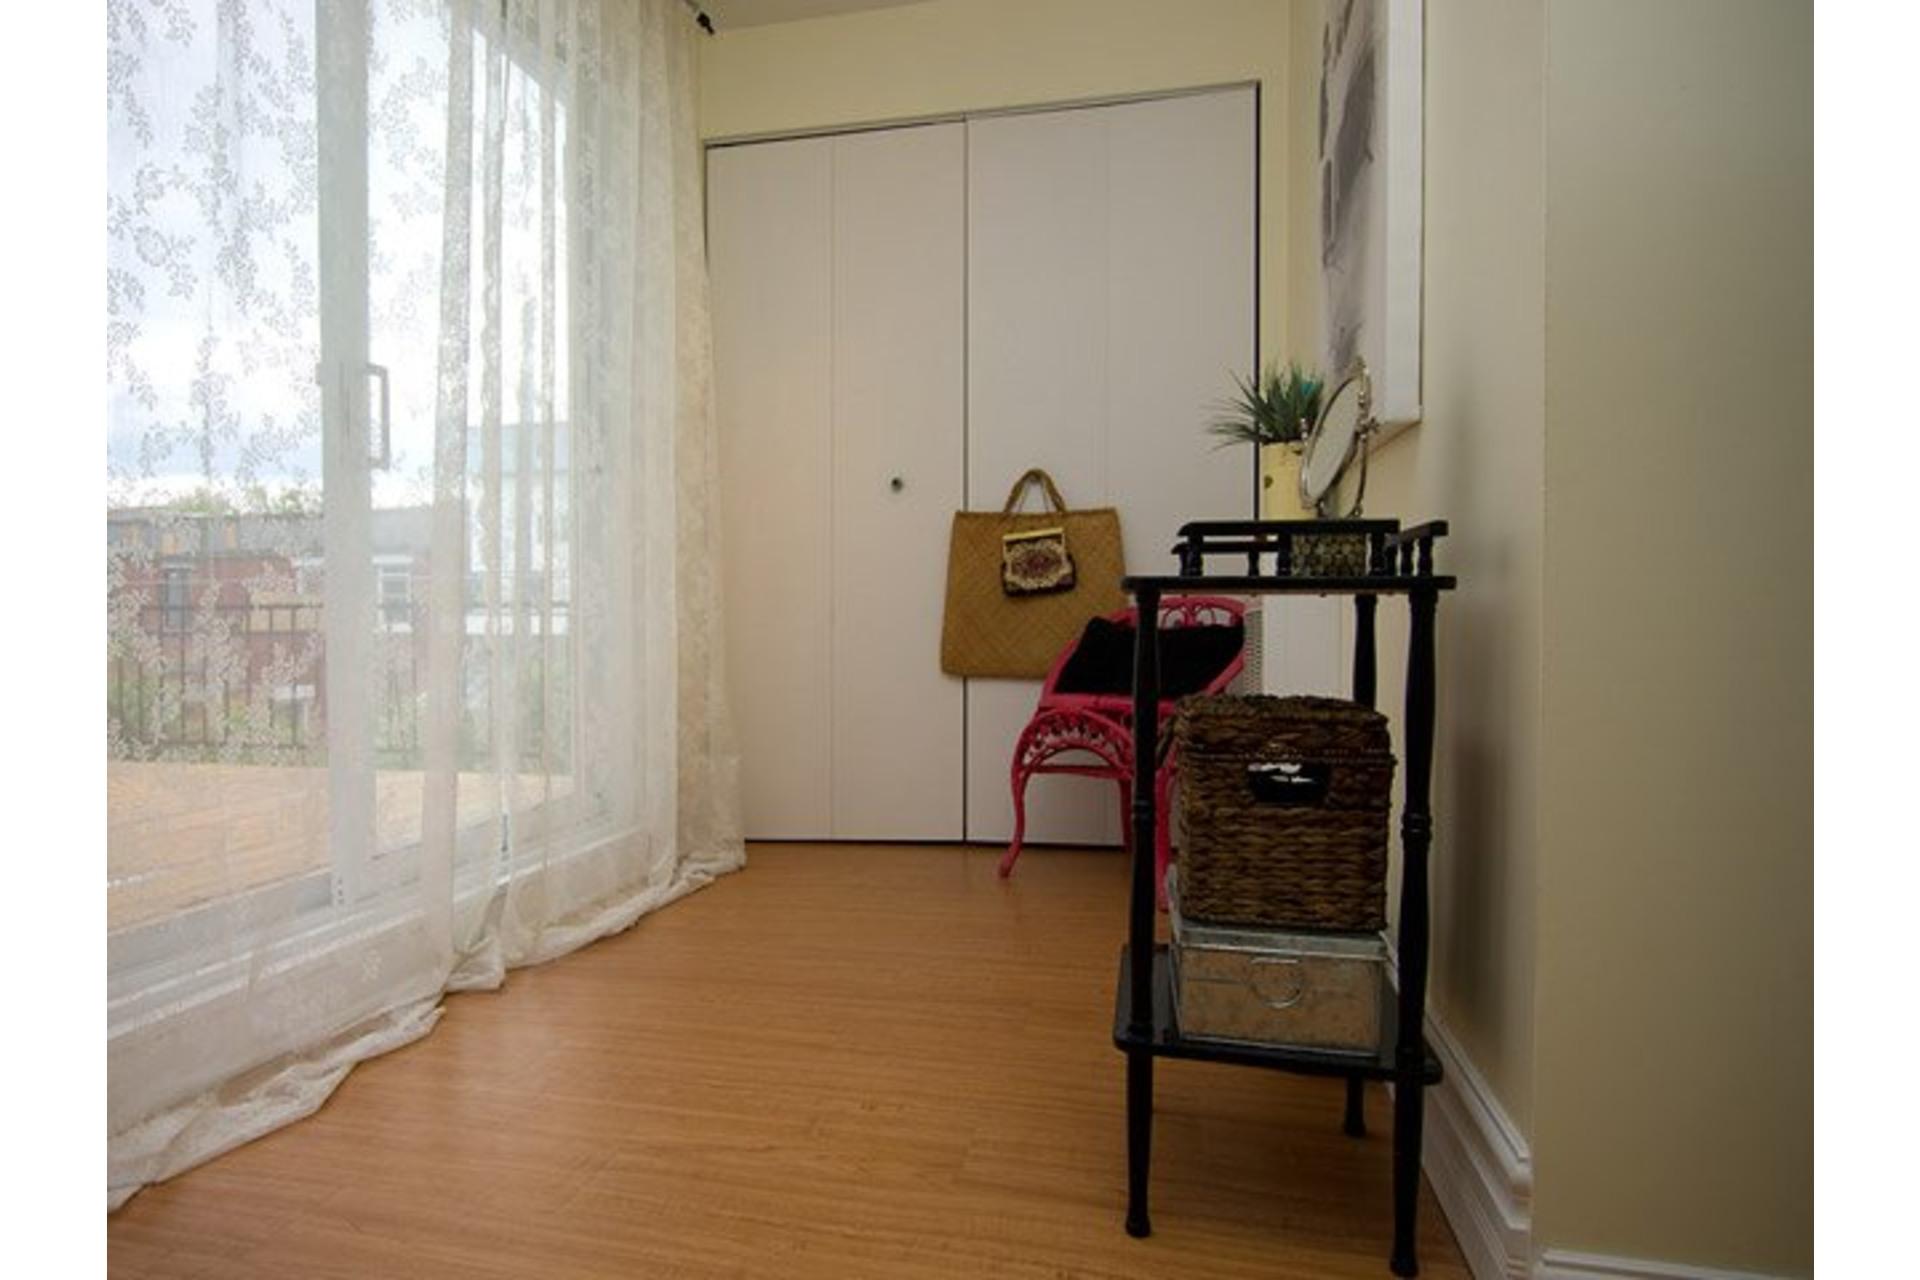 image 30 - Duplex For sale Le Sud-Ouest Montréal  - 5 rooms